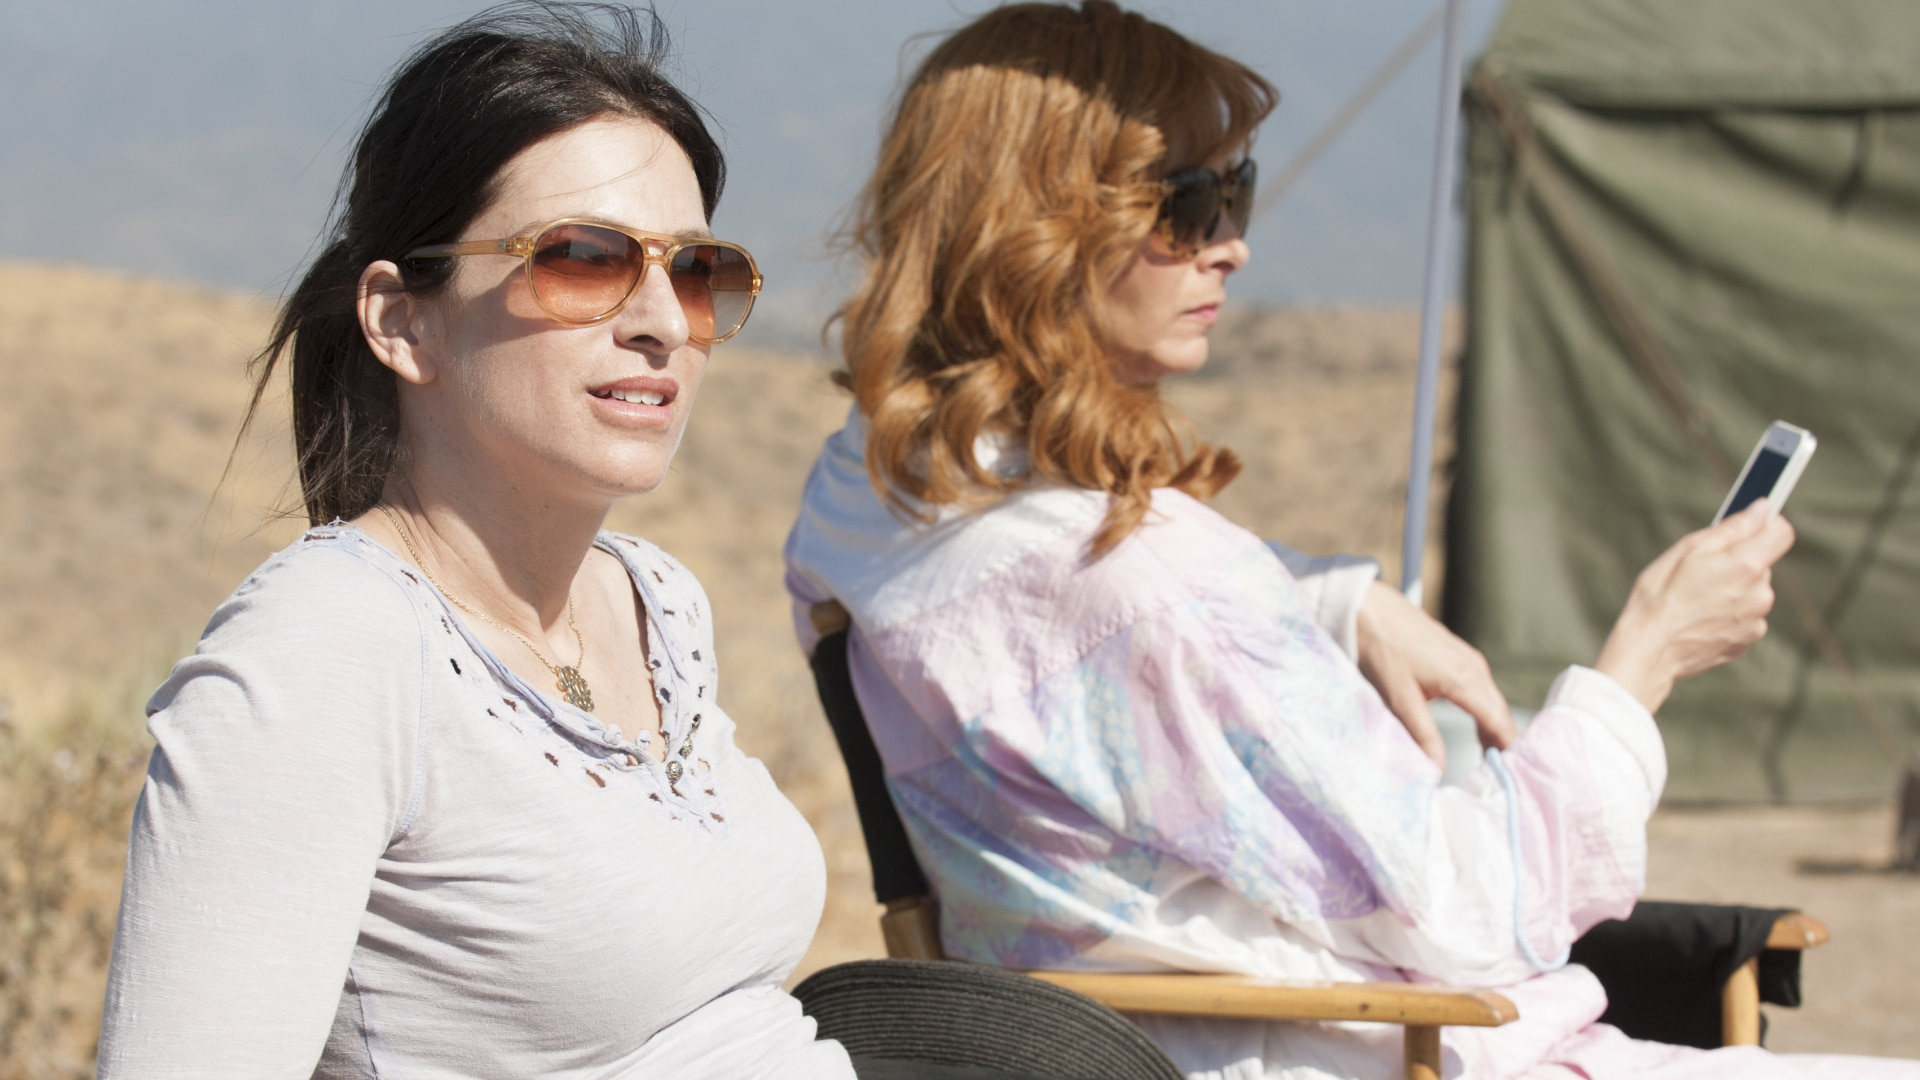 Valerie Cooks In The Desert